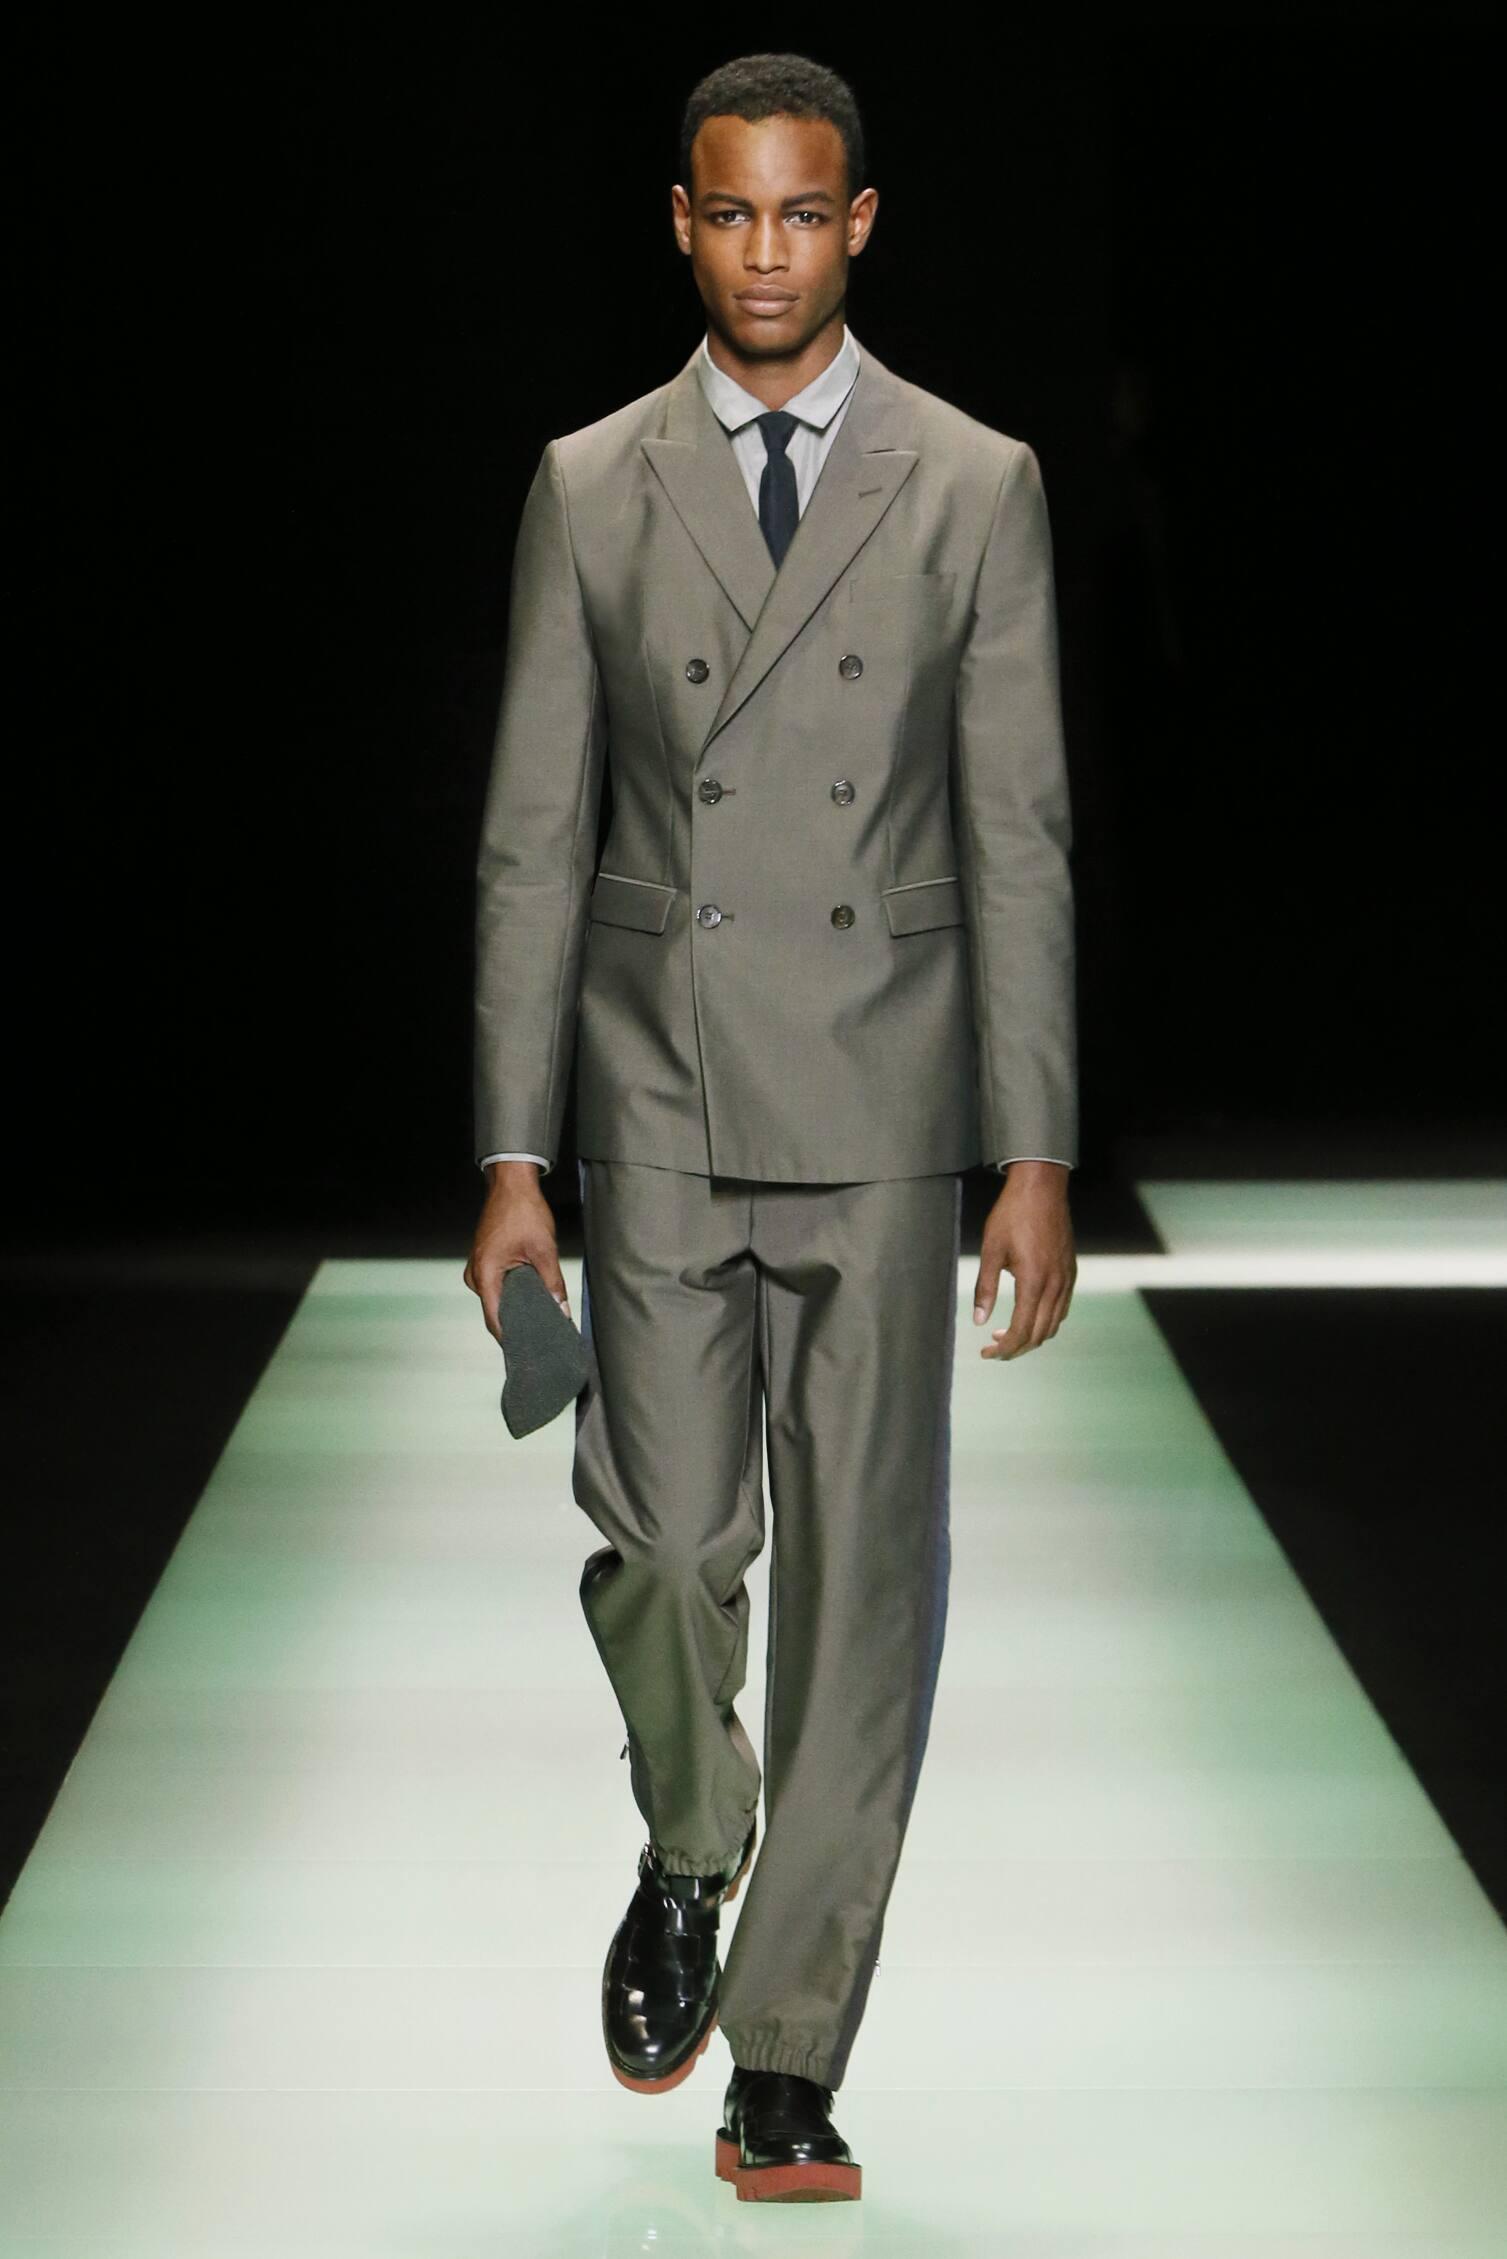 Spring 2016 Men Fashion Show Emporio Armani Collection